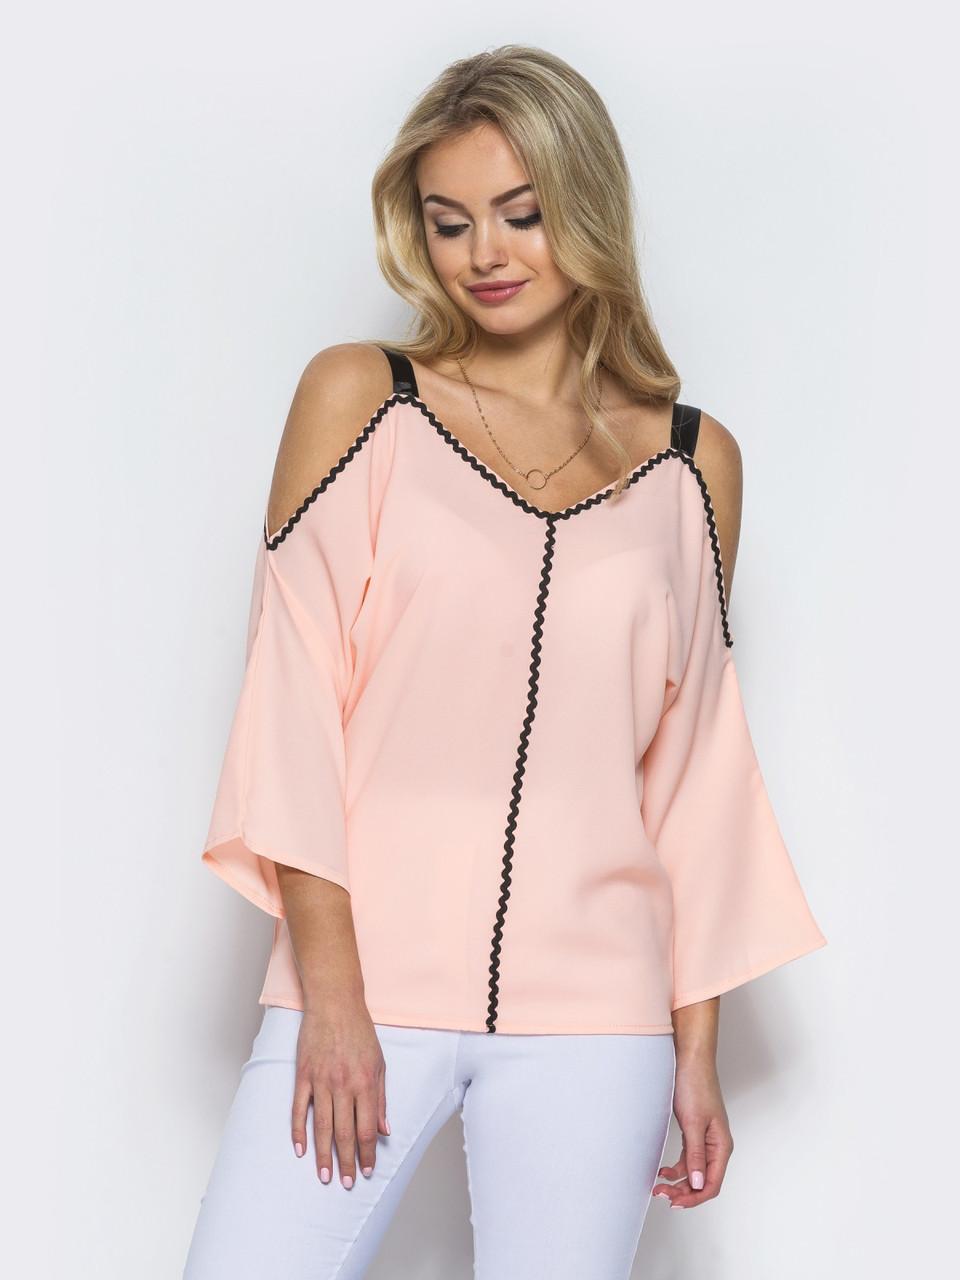 626fa43880a Персиковая блузка с контрастной отделкой тесьмой - Стильная женская одежда  оптом и в розницу ТМ